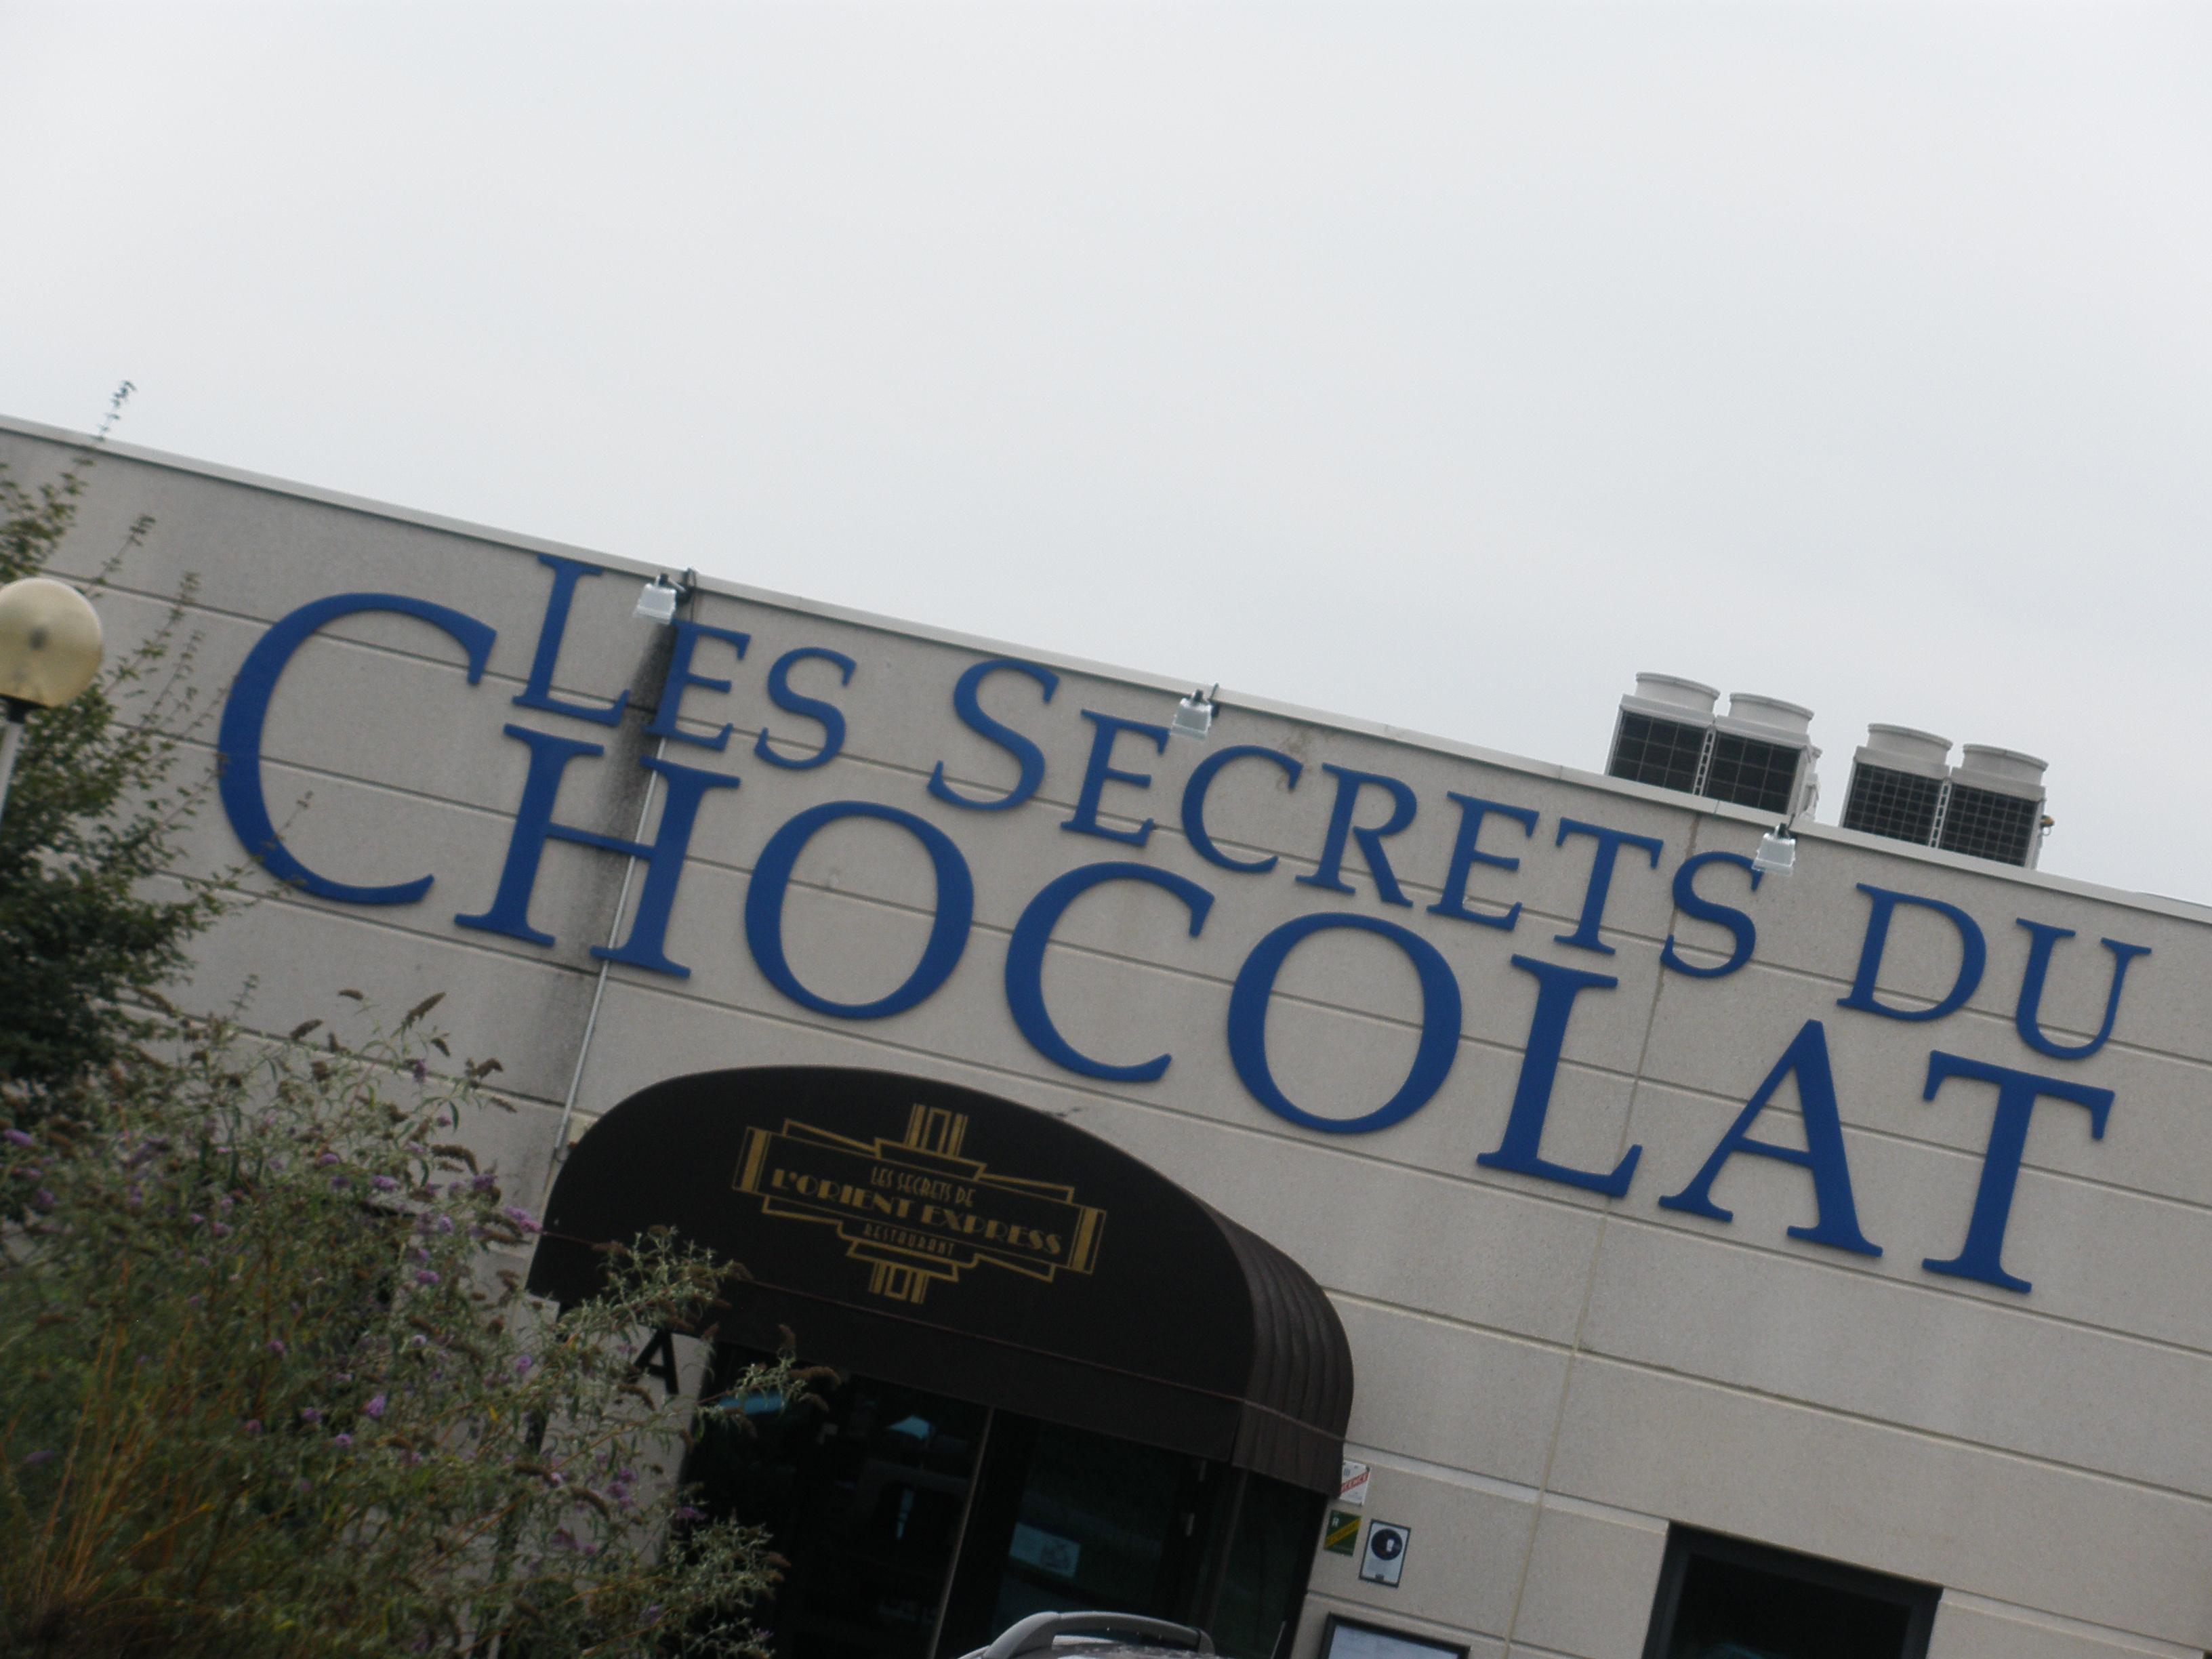 Musée Les Secrets du Chocolat (Museum of Chocolate Secrets ...